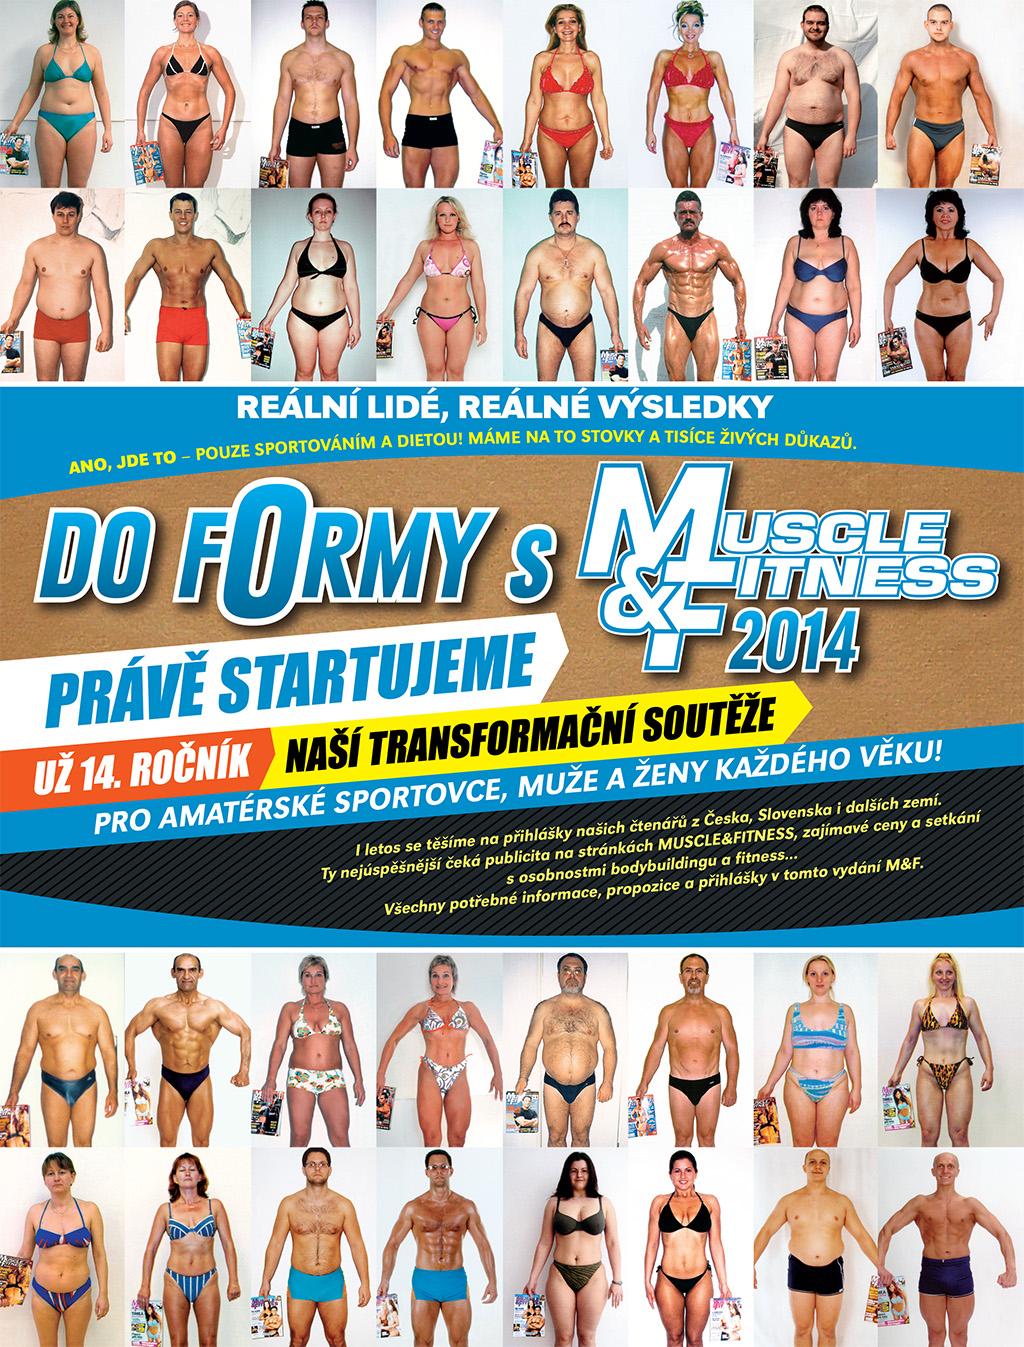 DO FORMY S M&F 2014